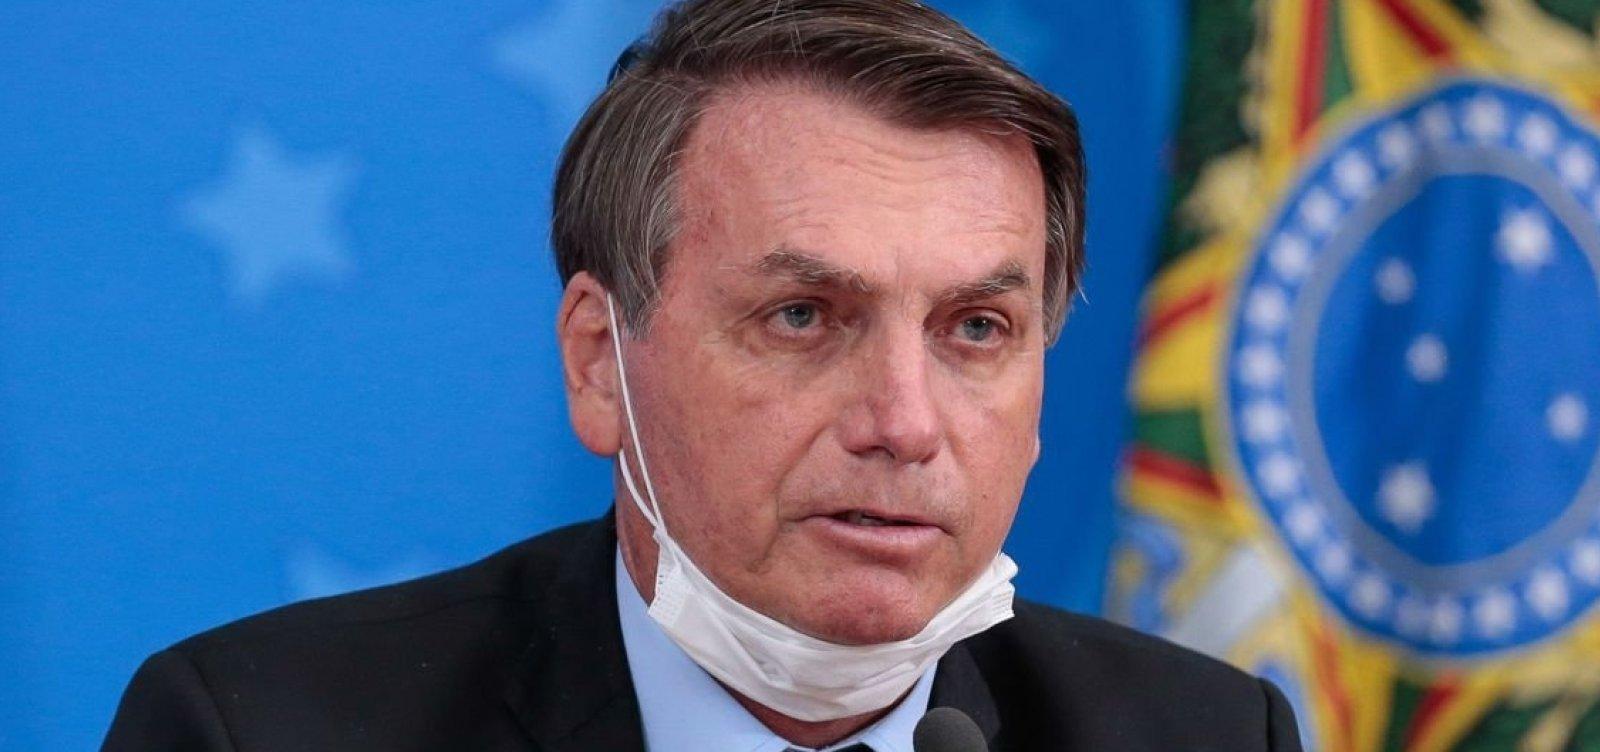 Para 70% dos brasileiros, há corrupção no governo de Jair Bolsonaro, aponta Datafolha